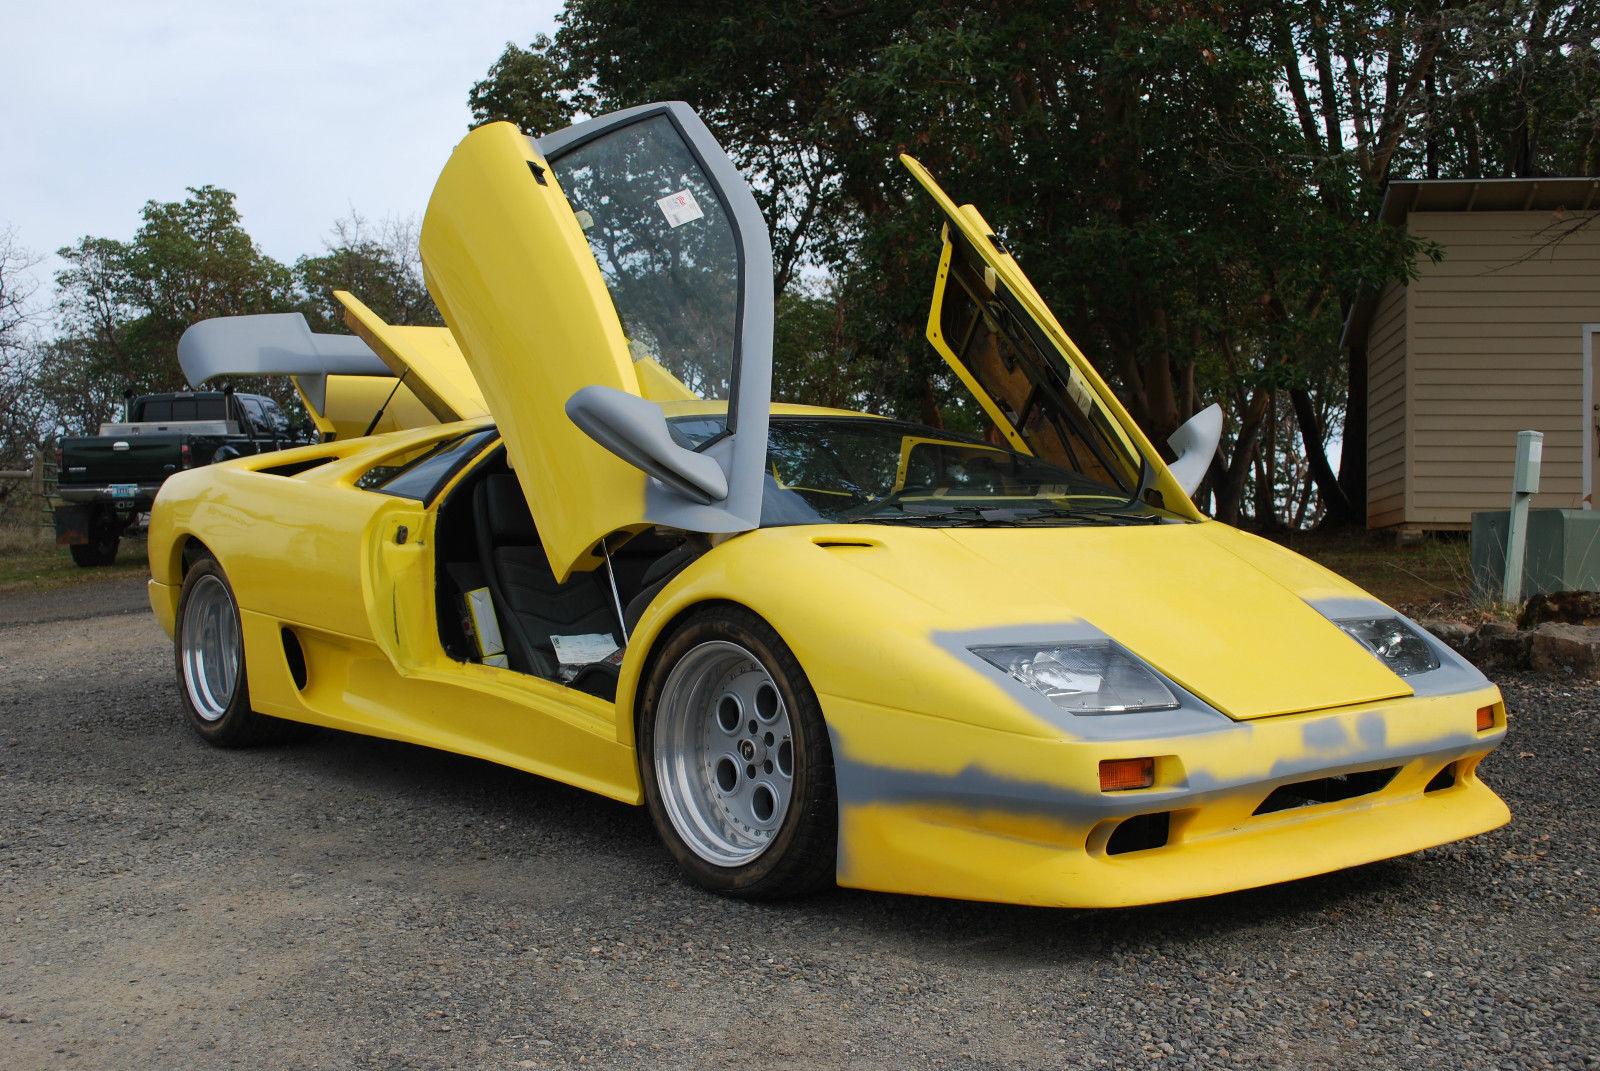 Laborghini Diablo Replica Kit Car Classic Replica Kit Makes